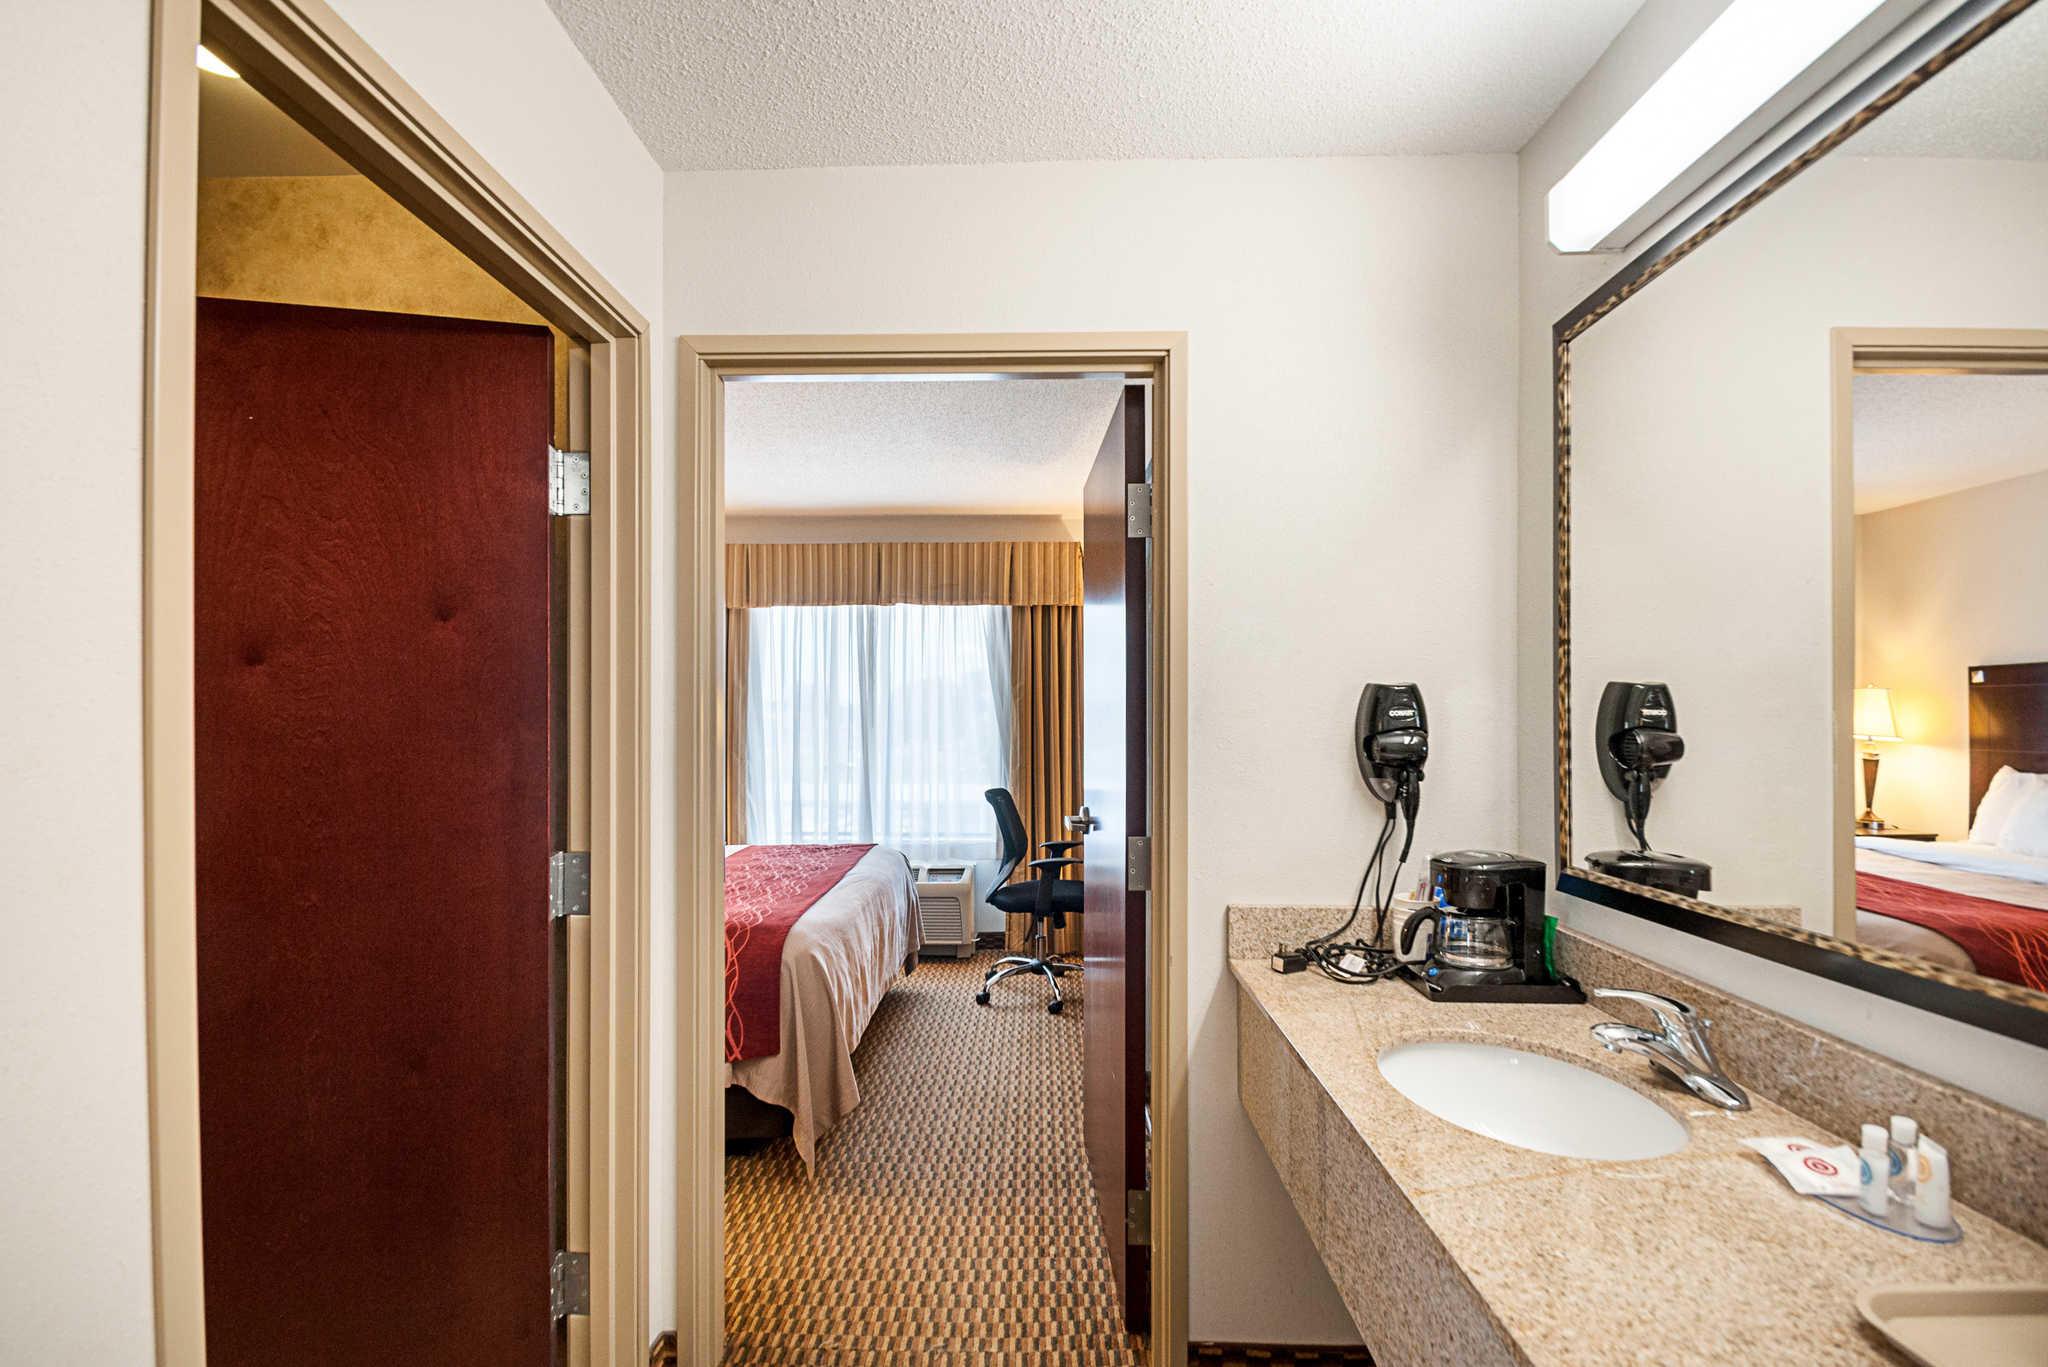 Comfort Inn & Suites Cambridge image 18